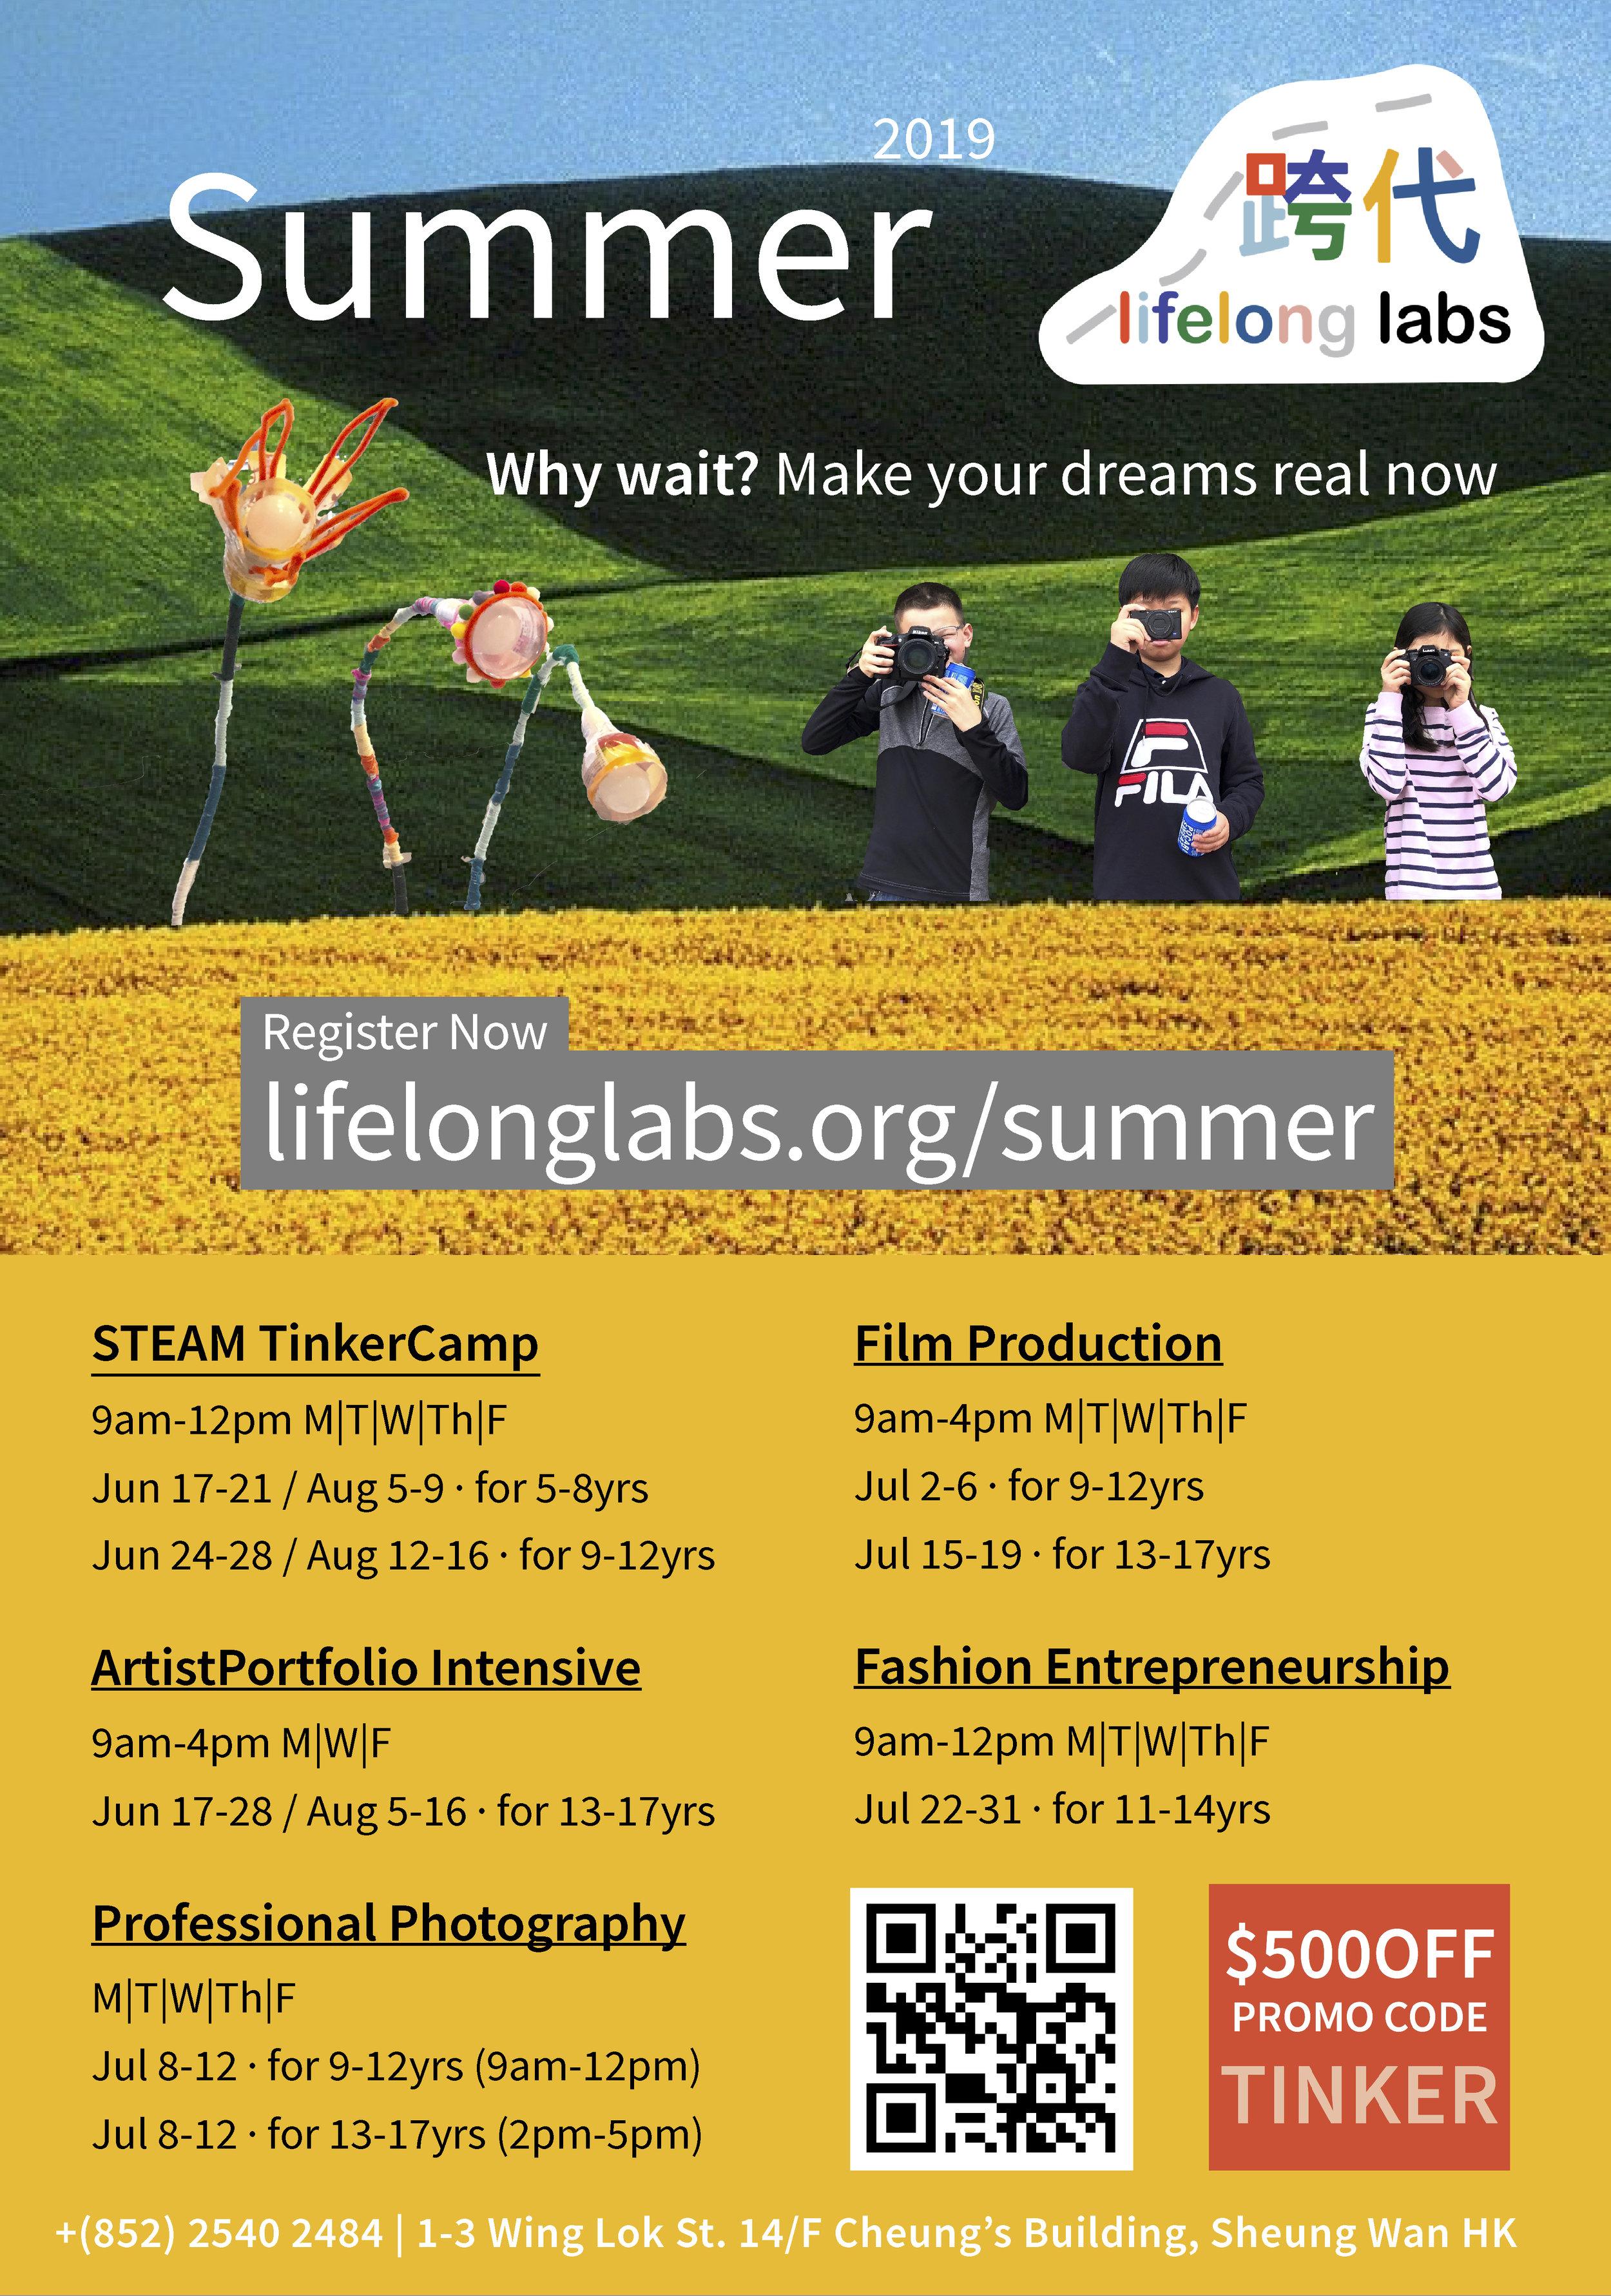 Lifelong Labs Summer Programmes 2019.jpg